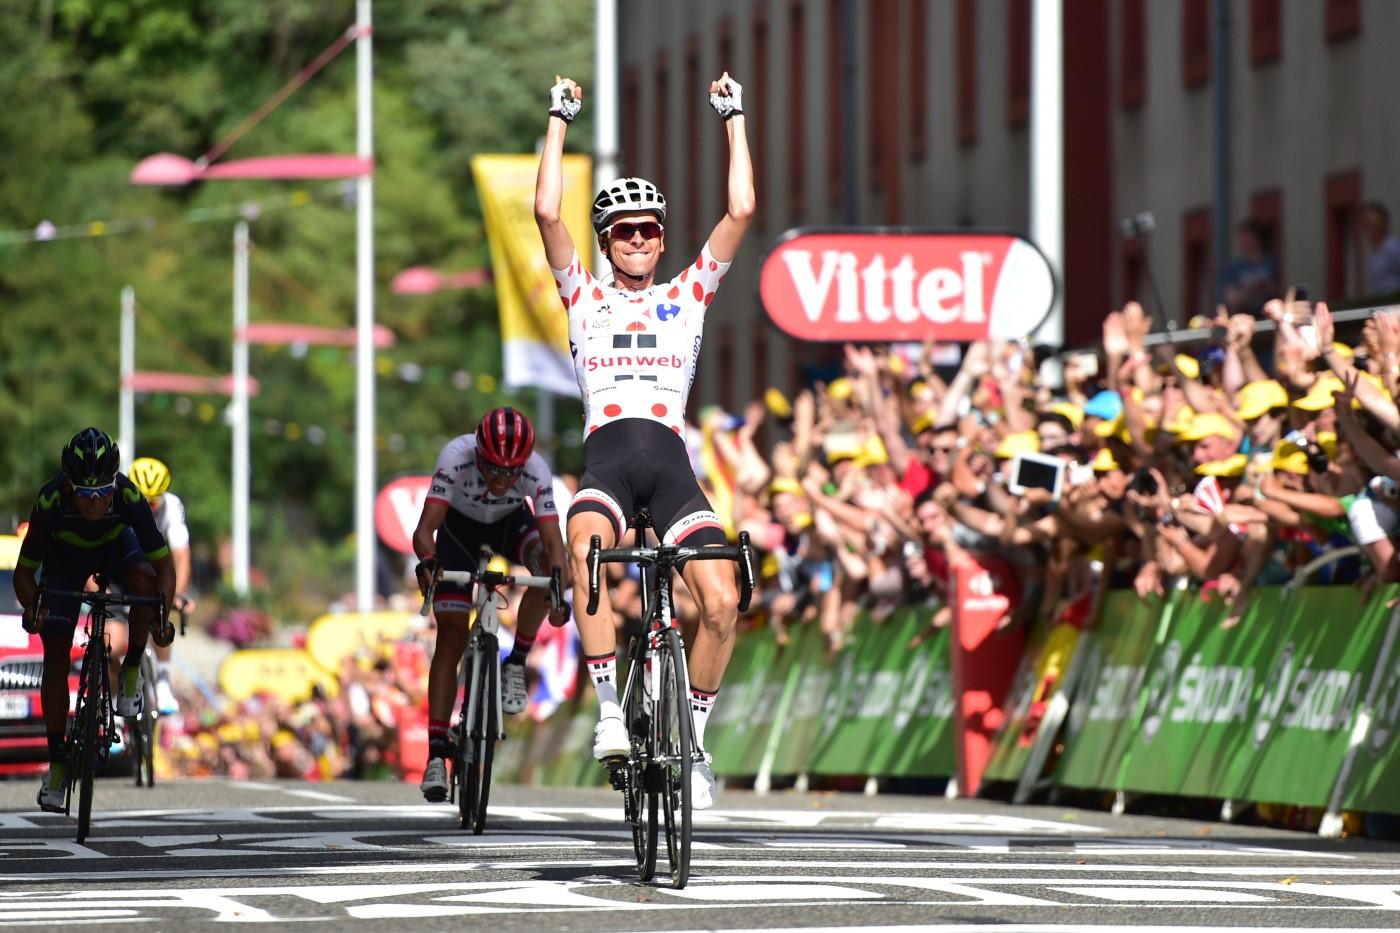 Tour de France 2017 - 14/07/2017 - Etape 13 - Saint-Girons / Foix (101 km) - France - Warren BARGUIL (TEAM SUNWEB) - Vainqueur a Foix